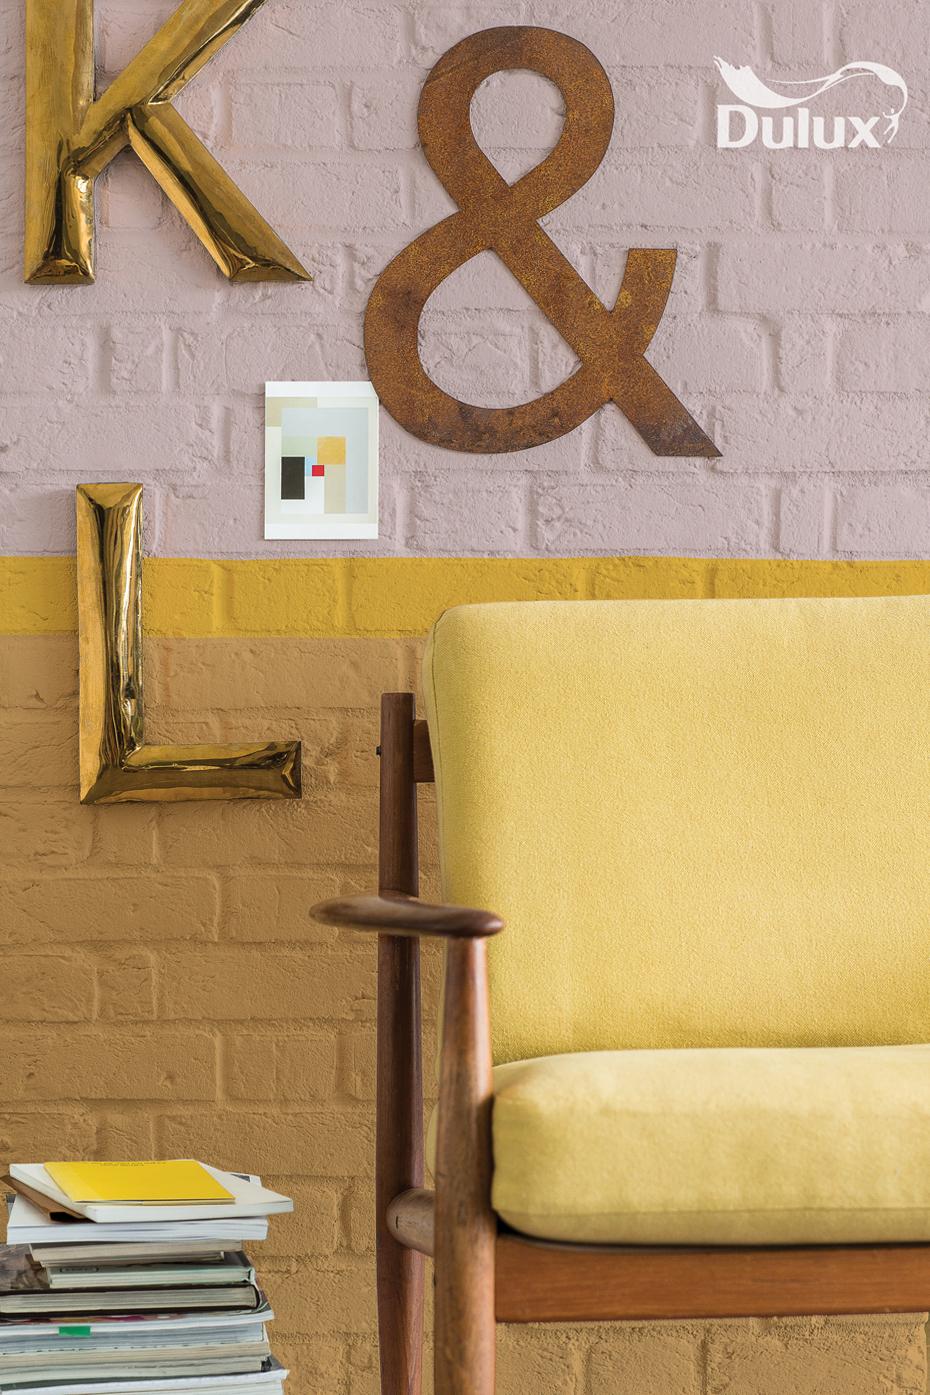 dulux év színe okker arany hna design 2016 1